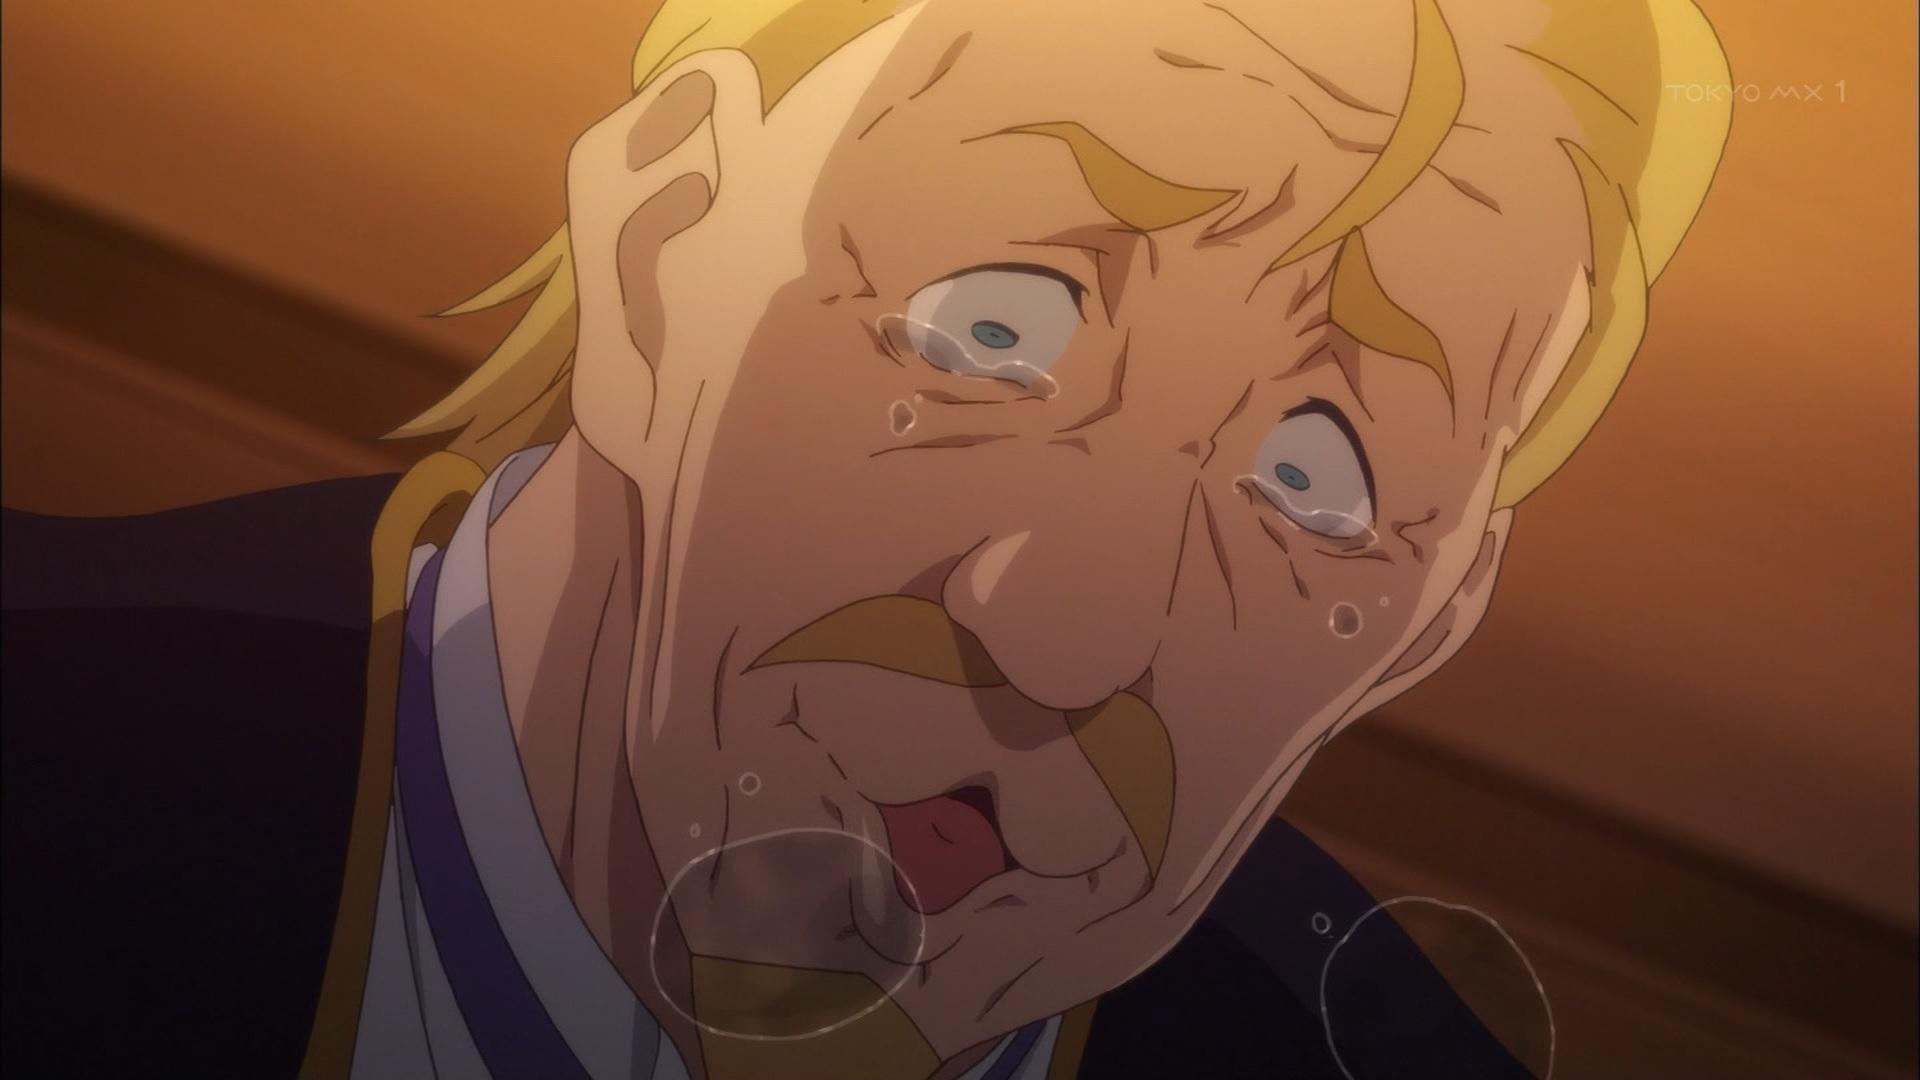 ダクネスの父の泣き顔(第4話画像)